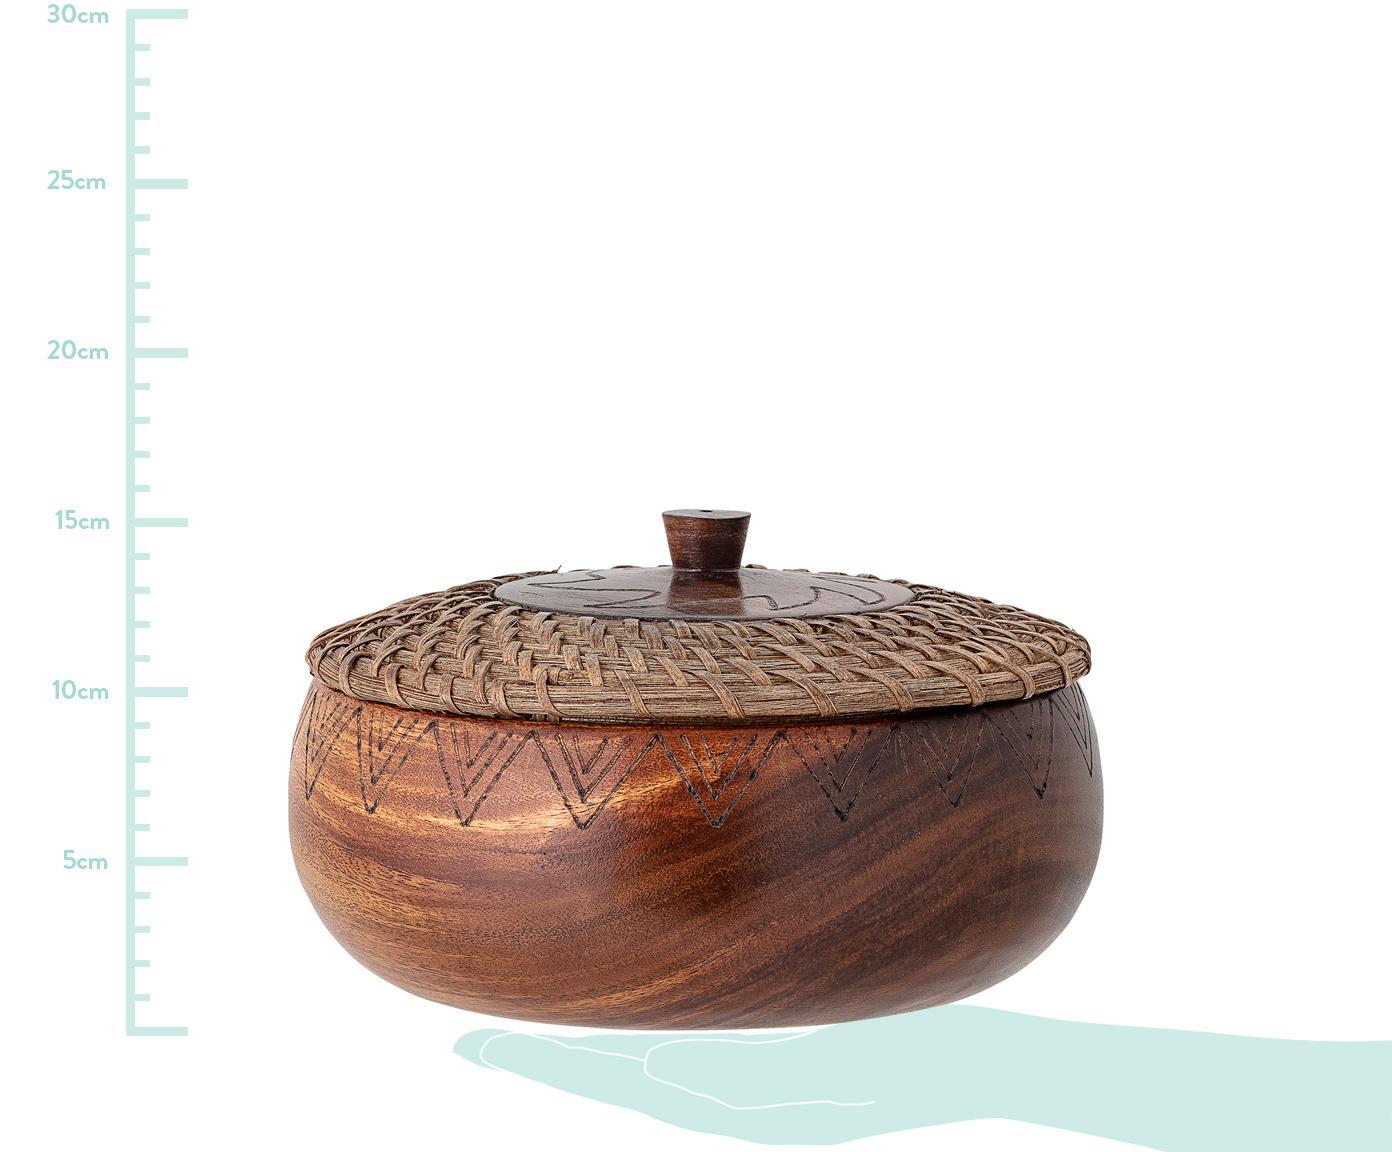 Contenitore in legno d'acacia con coperchio Femke, Legno d'acacia, oliato, rattan, Legno di quercia, Ø 24 x Alt. 10 cm